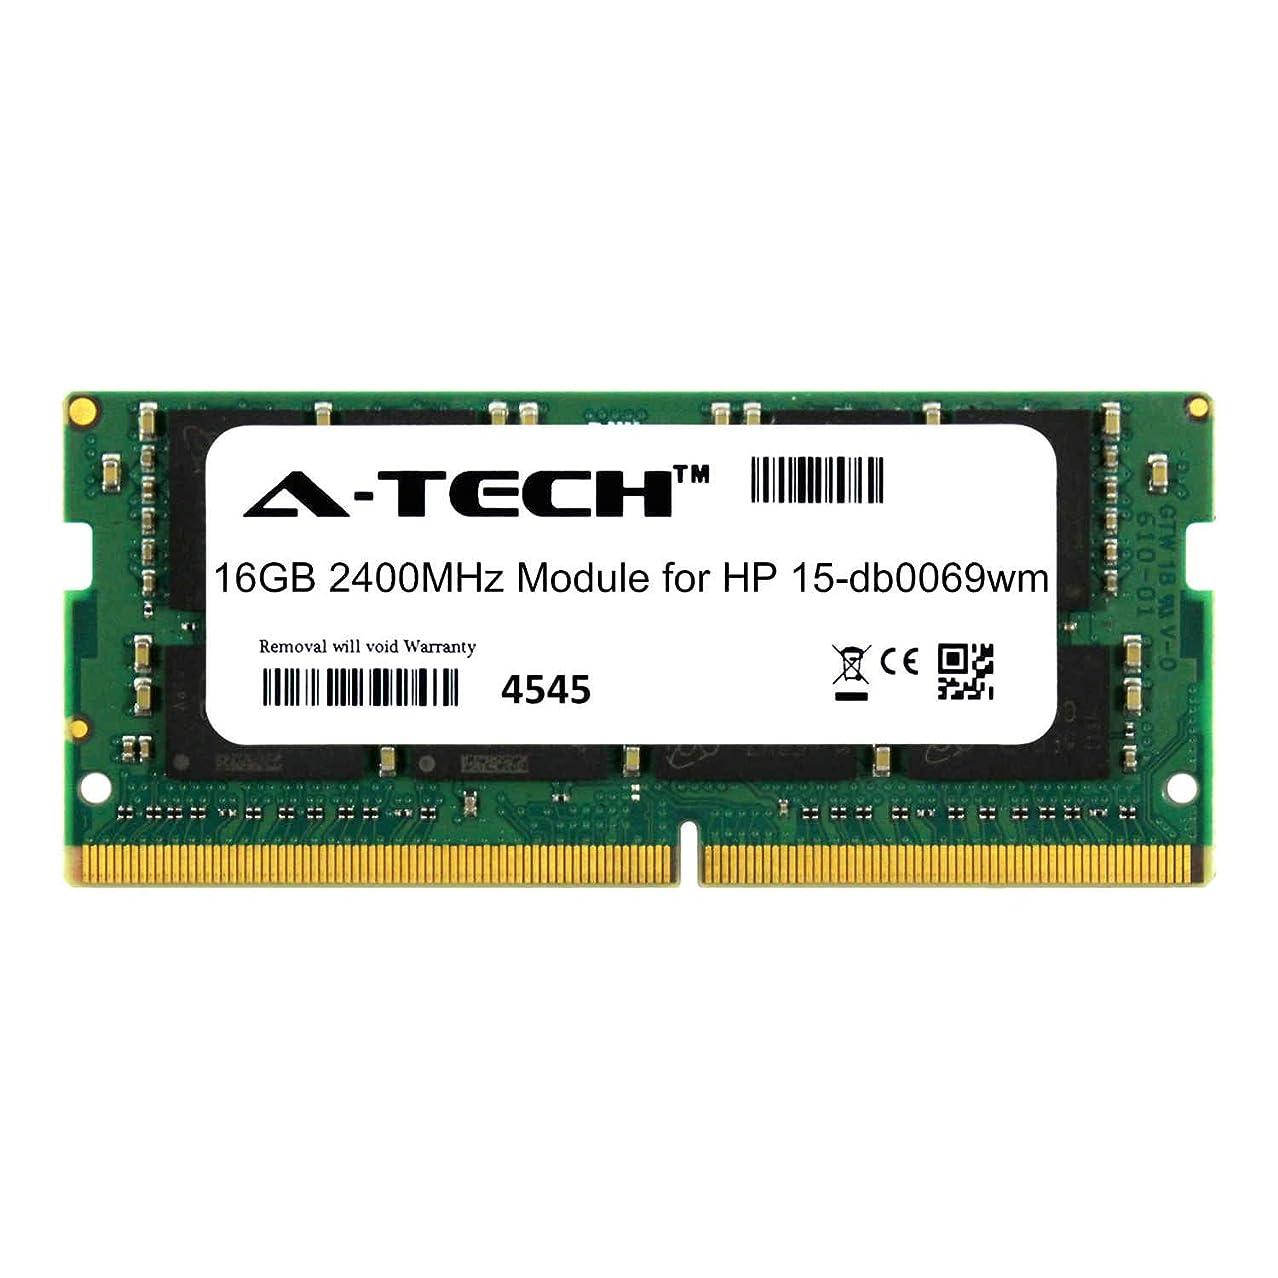 チラチラする曲線離れてA-Tech 16GB モジュール HP 15-db0069wm ノートパソコン & ノートブック 互換性 DDR4 2400Mhz メモリー RAM (ATMS382006A25831X1)